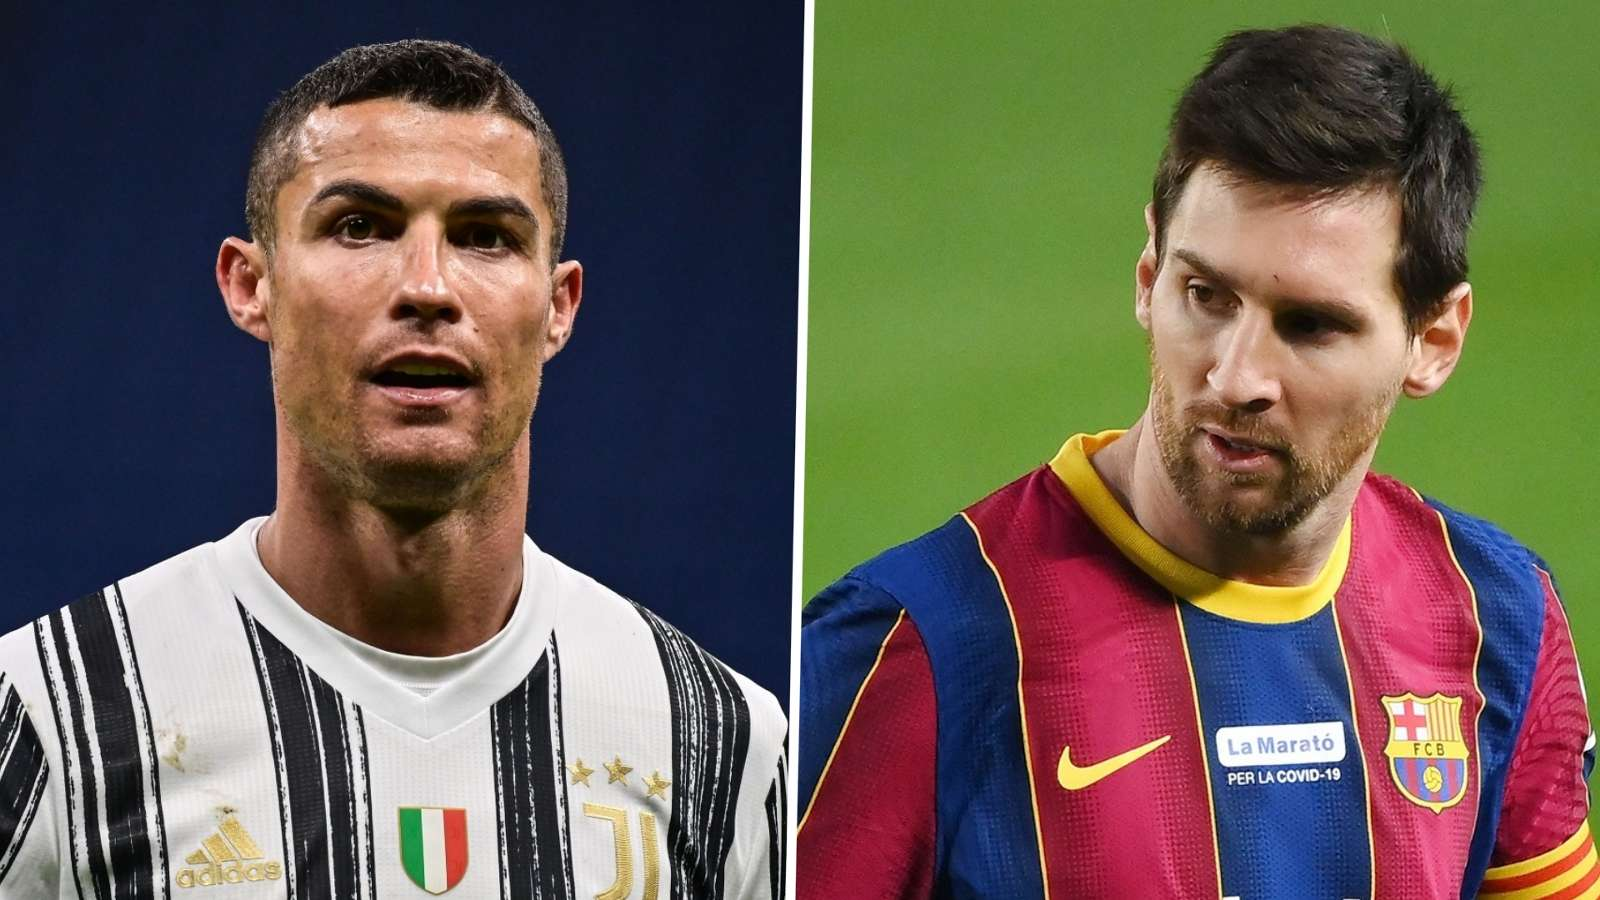 Messi và Ronaldo đều bỏ lỡ tứ kết Champions League sau lần đầu tiên kể từ 16 năm trước